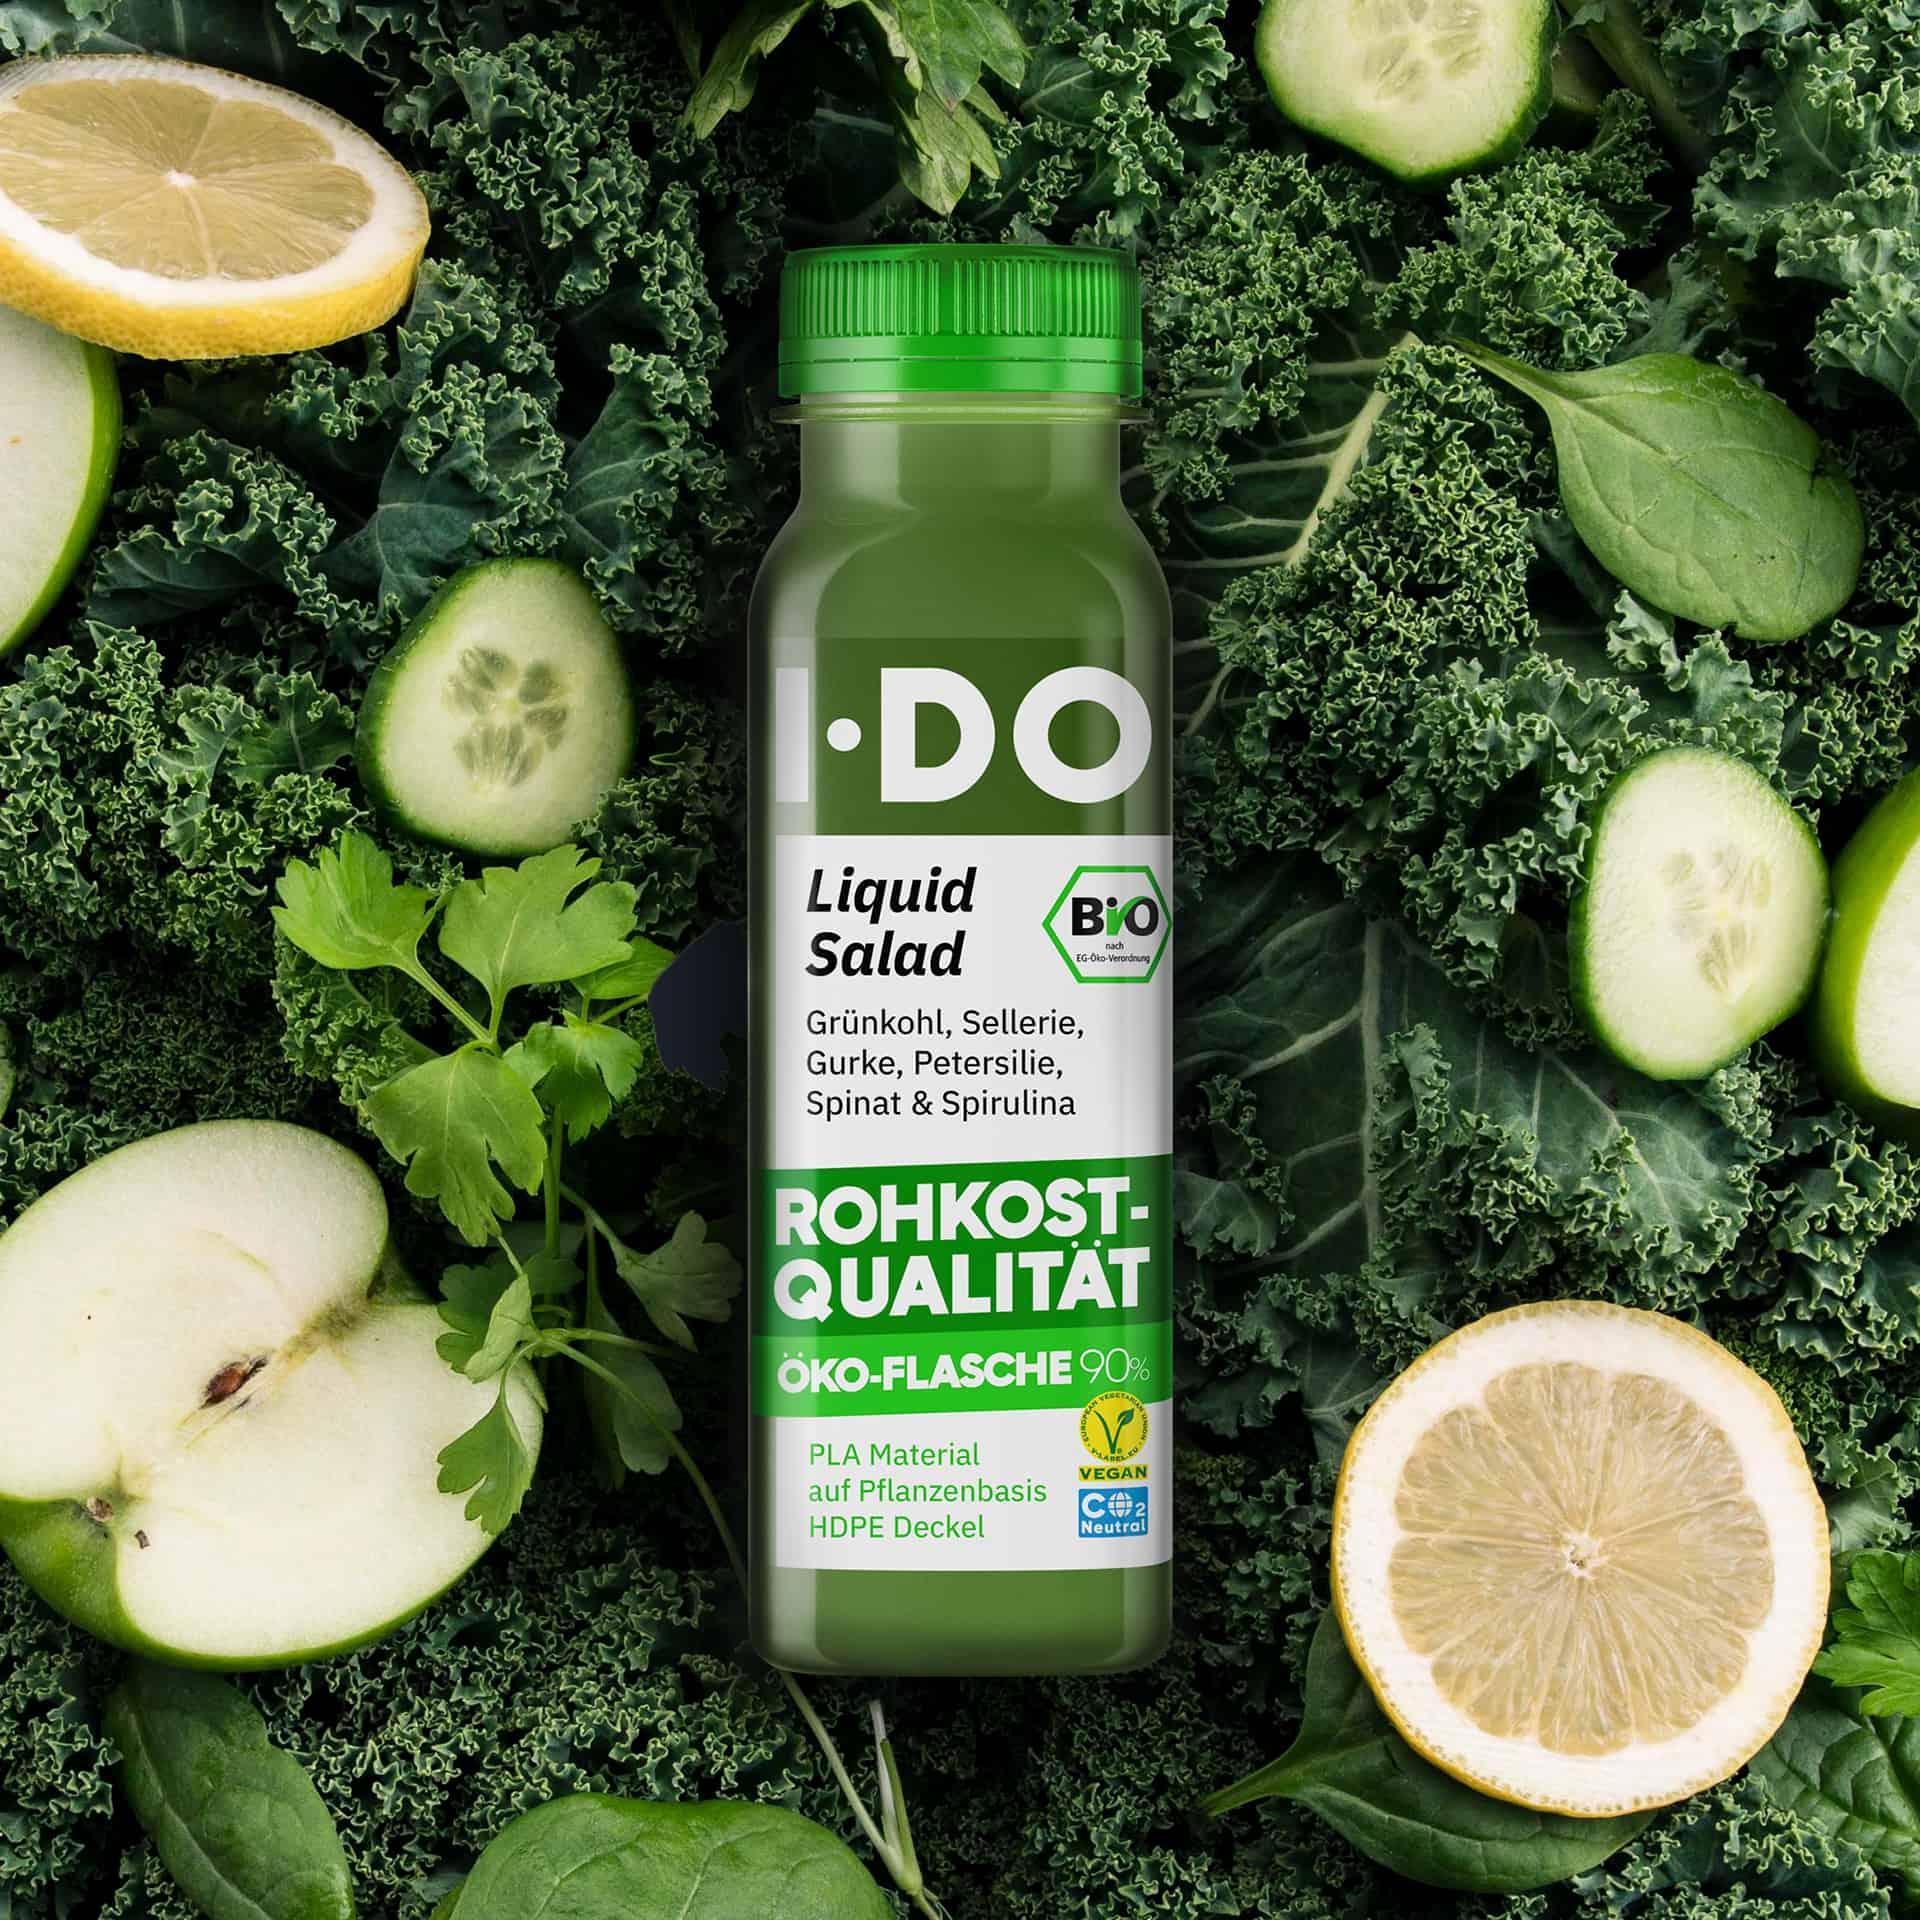 I·DO Liquid Salad, Green Juice in der Öko-Flasche 90%